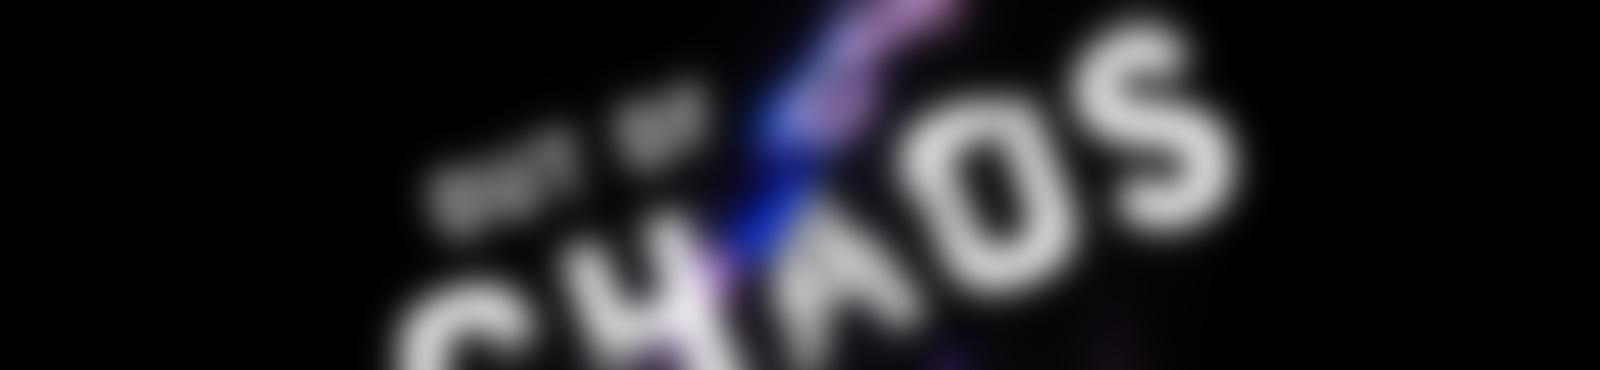 Blurred 96fba777 b075 4b3a 9d71 e104a79f85f7